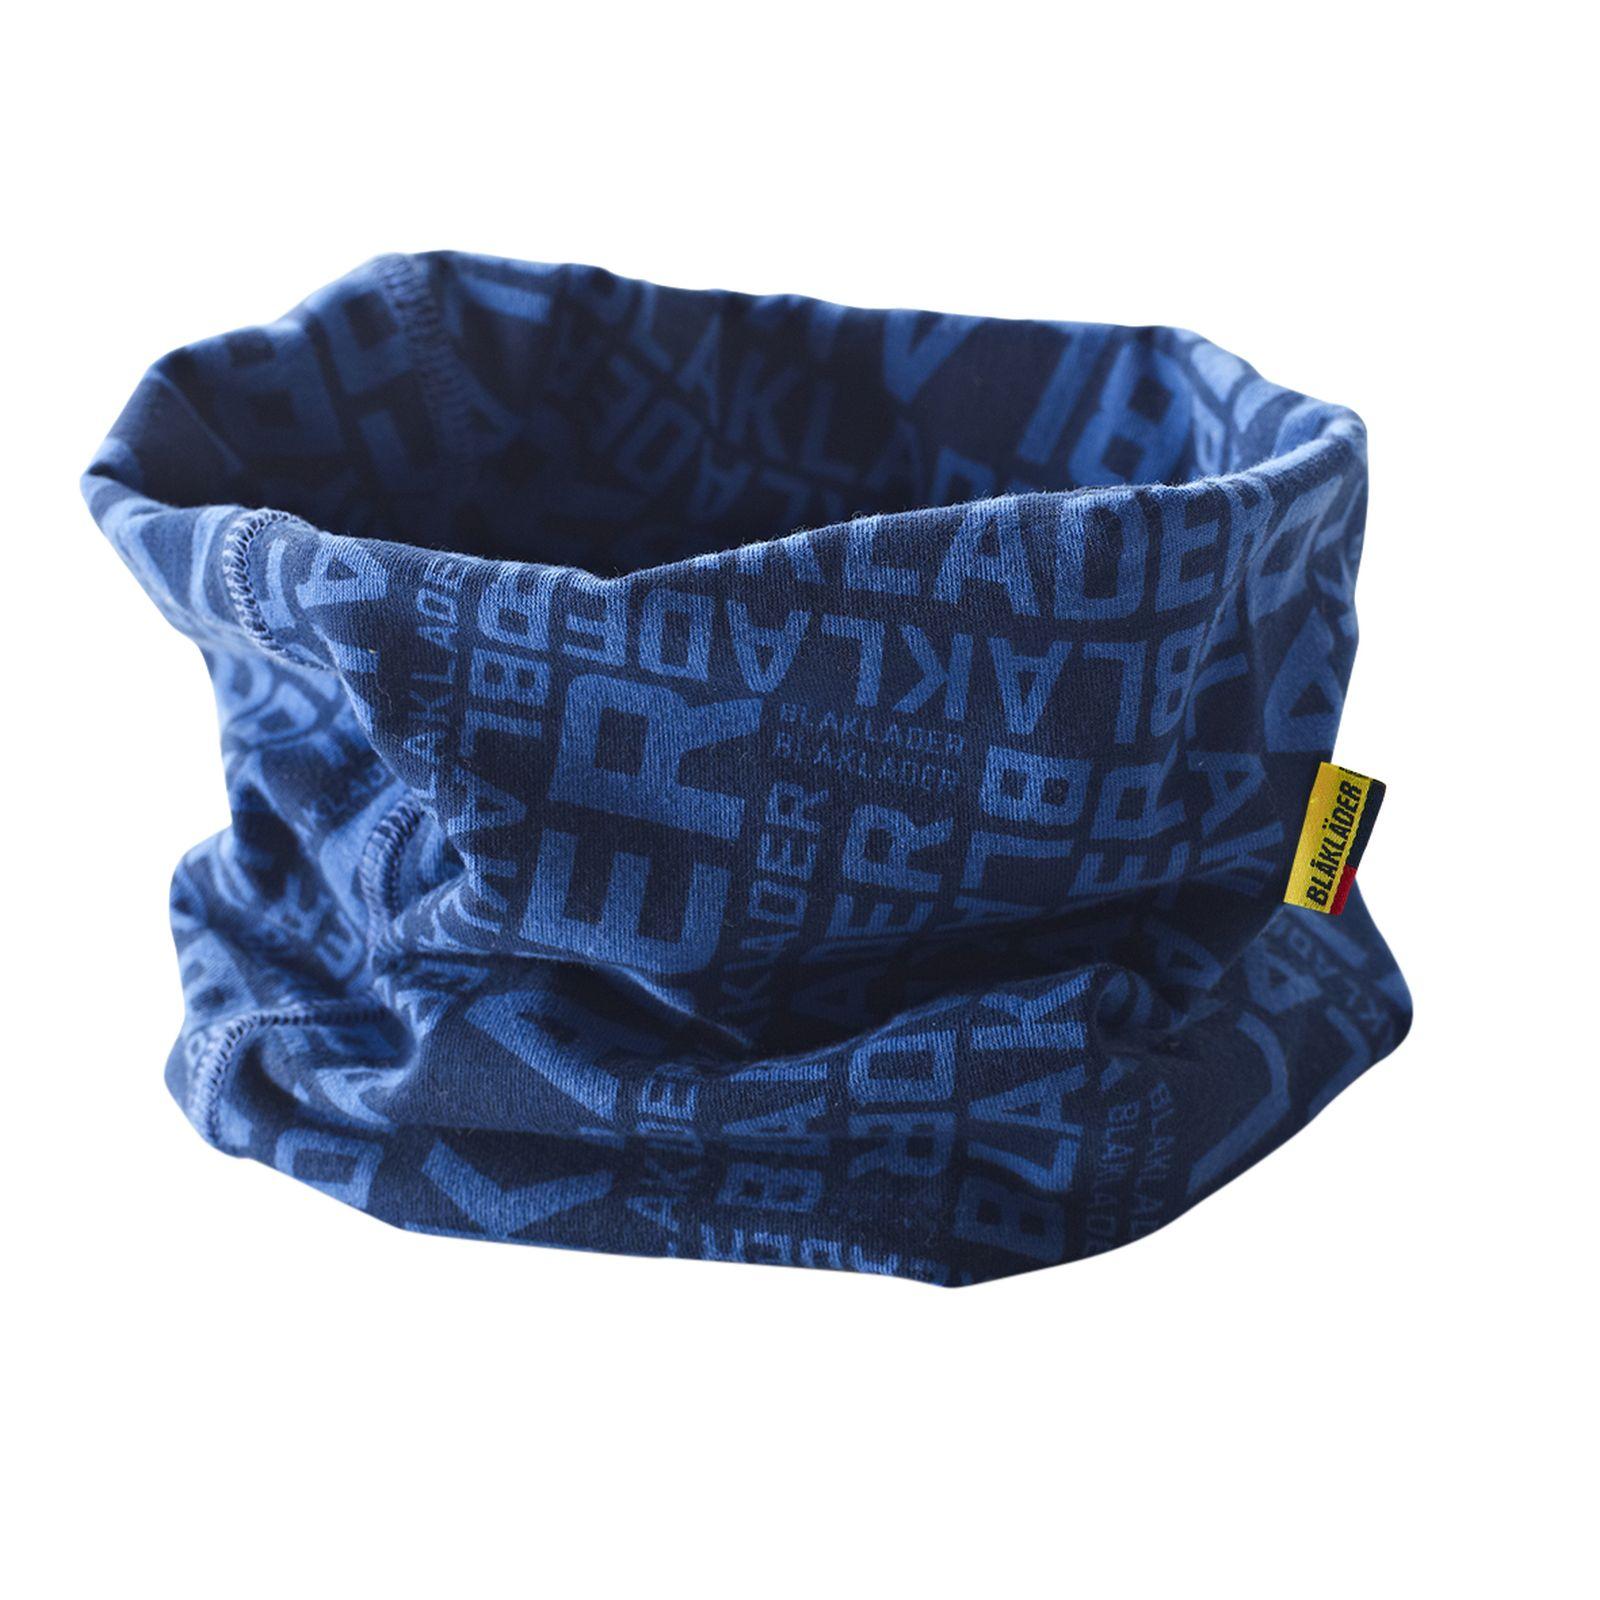 Blaklader Kollen 90831049 marineblauw-steel blue(8983)